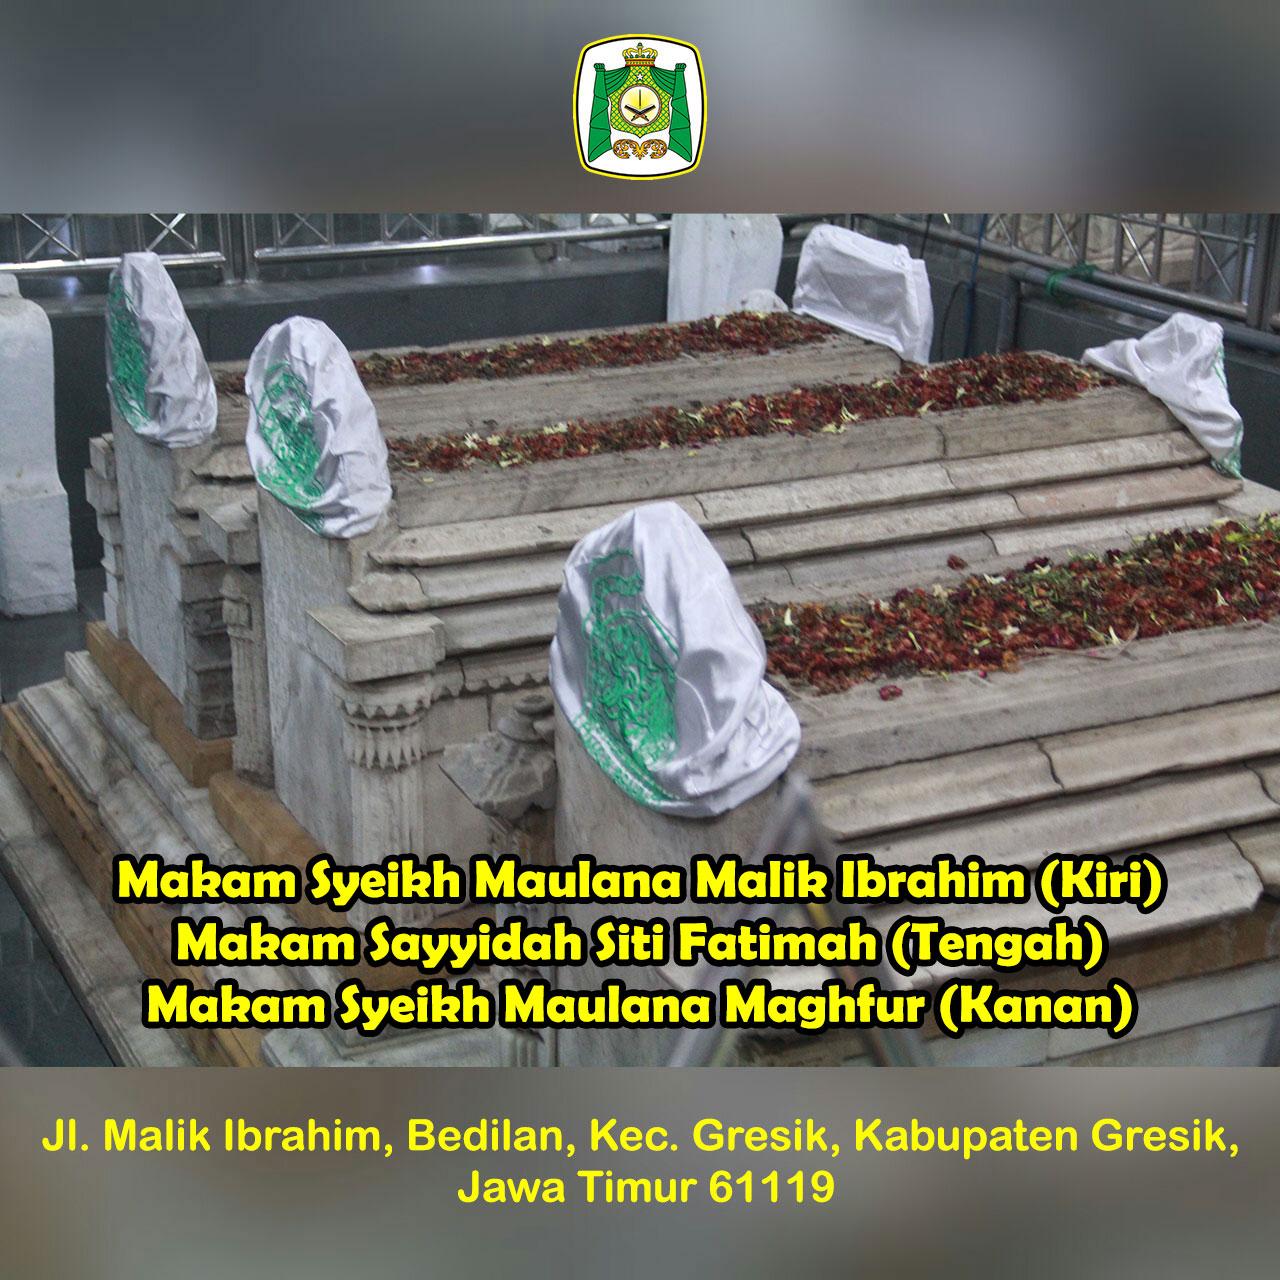 Syeikh Maulana Malik Ibrahim Almunawwarah Trans Makam Kiri Sayyidah Siti